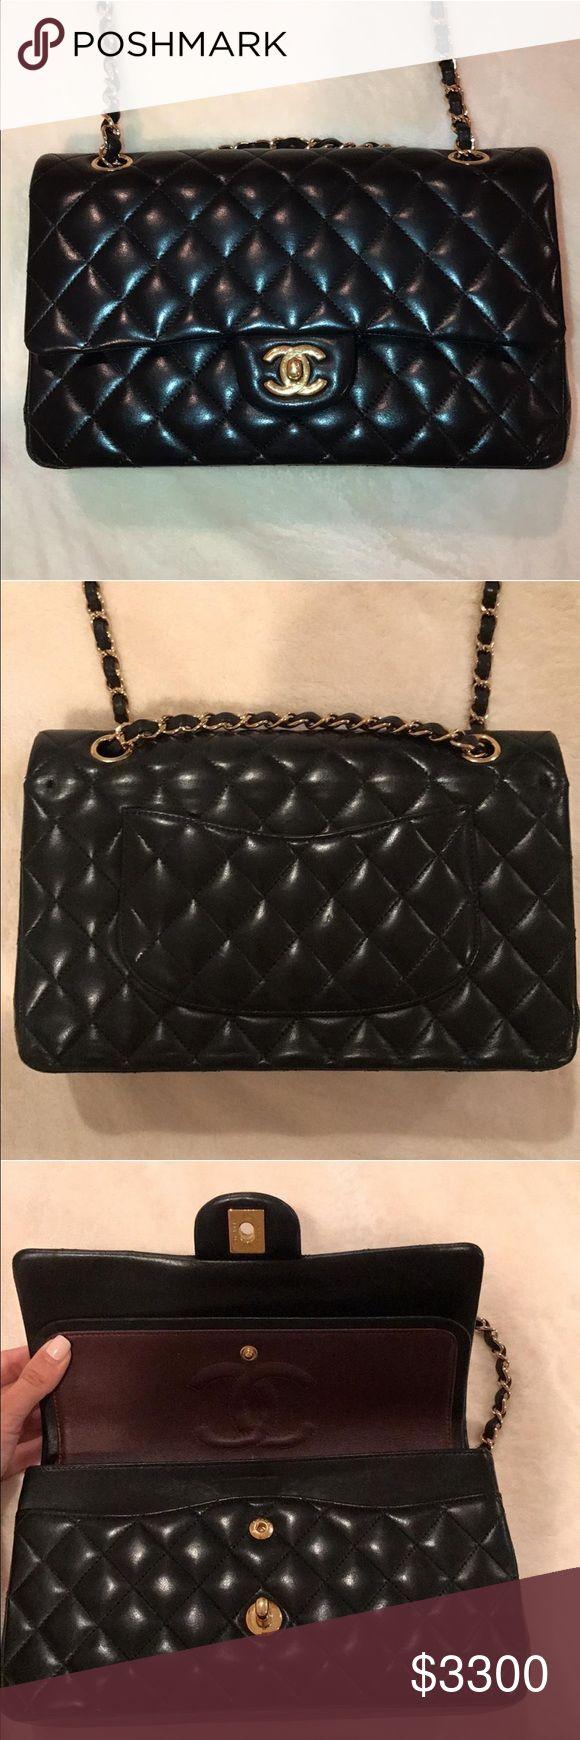 Chanel shoulder bag Classic double flap shoulder bag. Lambskin. Medium size. Gold hardware. CHANEL Bags Shoulder Bags